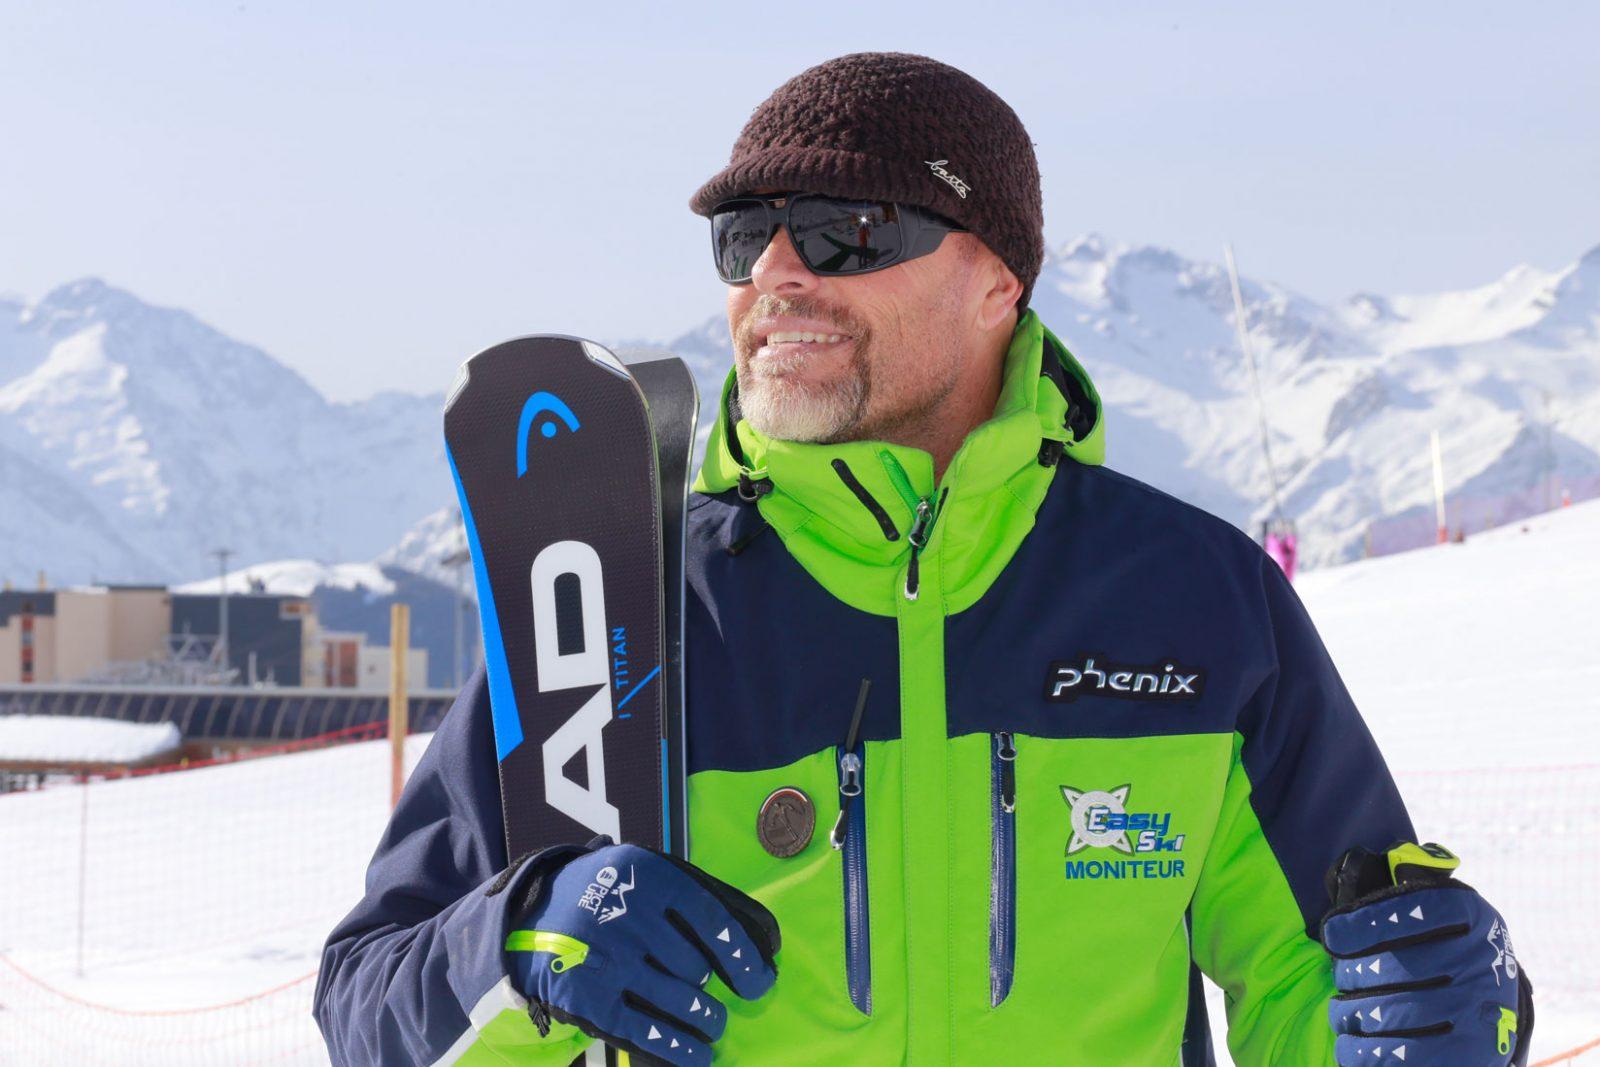 Ecole de ski Easyski (3)